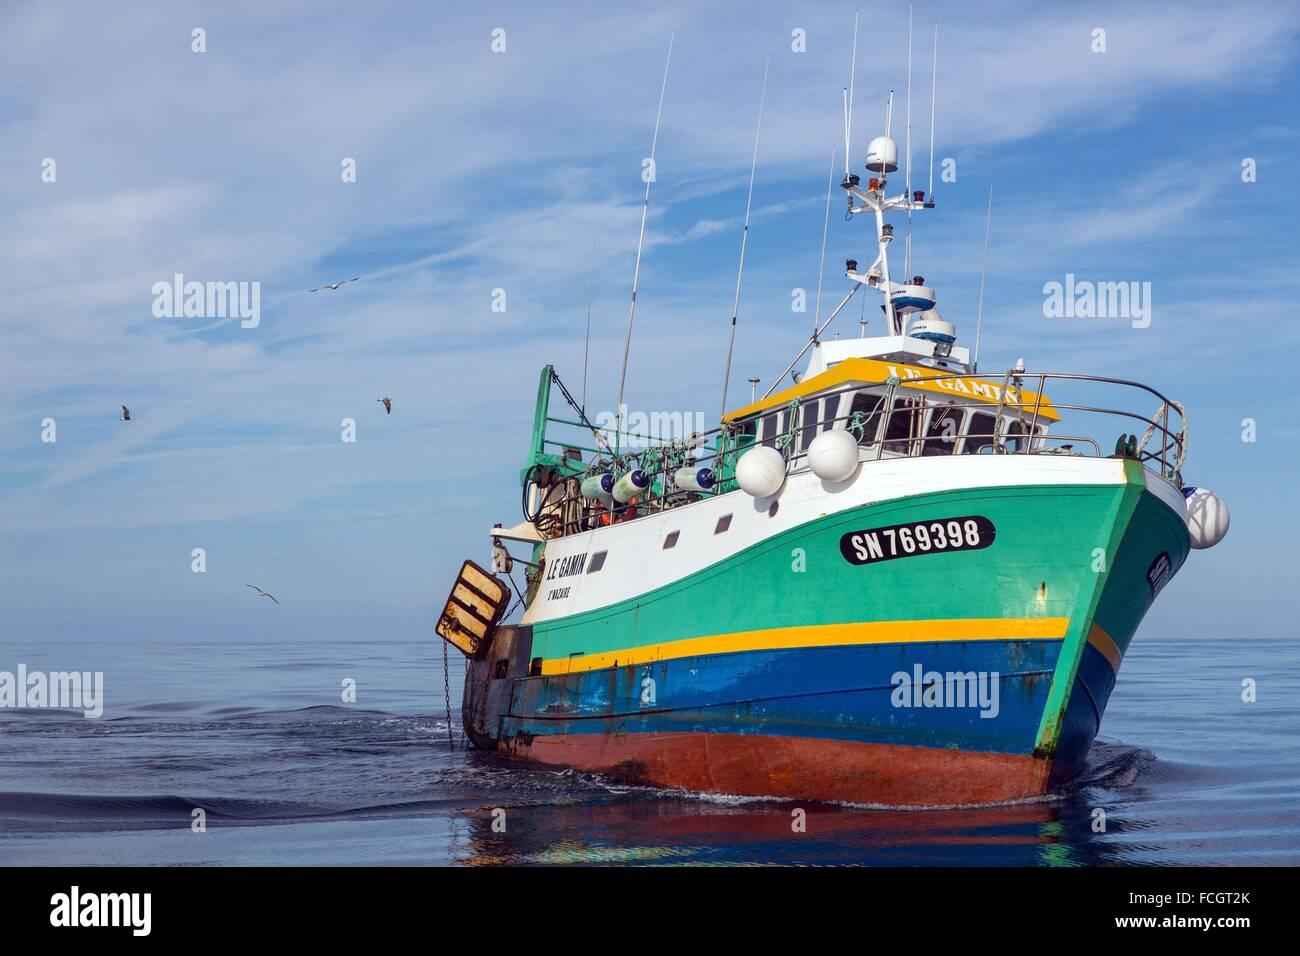 El barco le GAMIN, pescar en el mar en un arrastrero de camarones en la costa de Sables d'Olonne (85), Francia Foto de stock